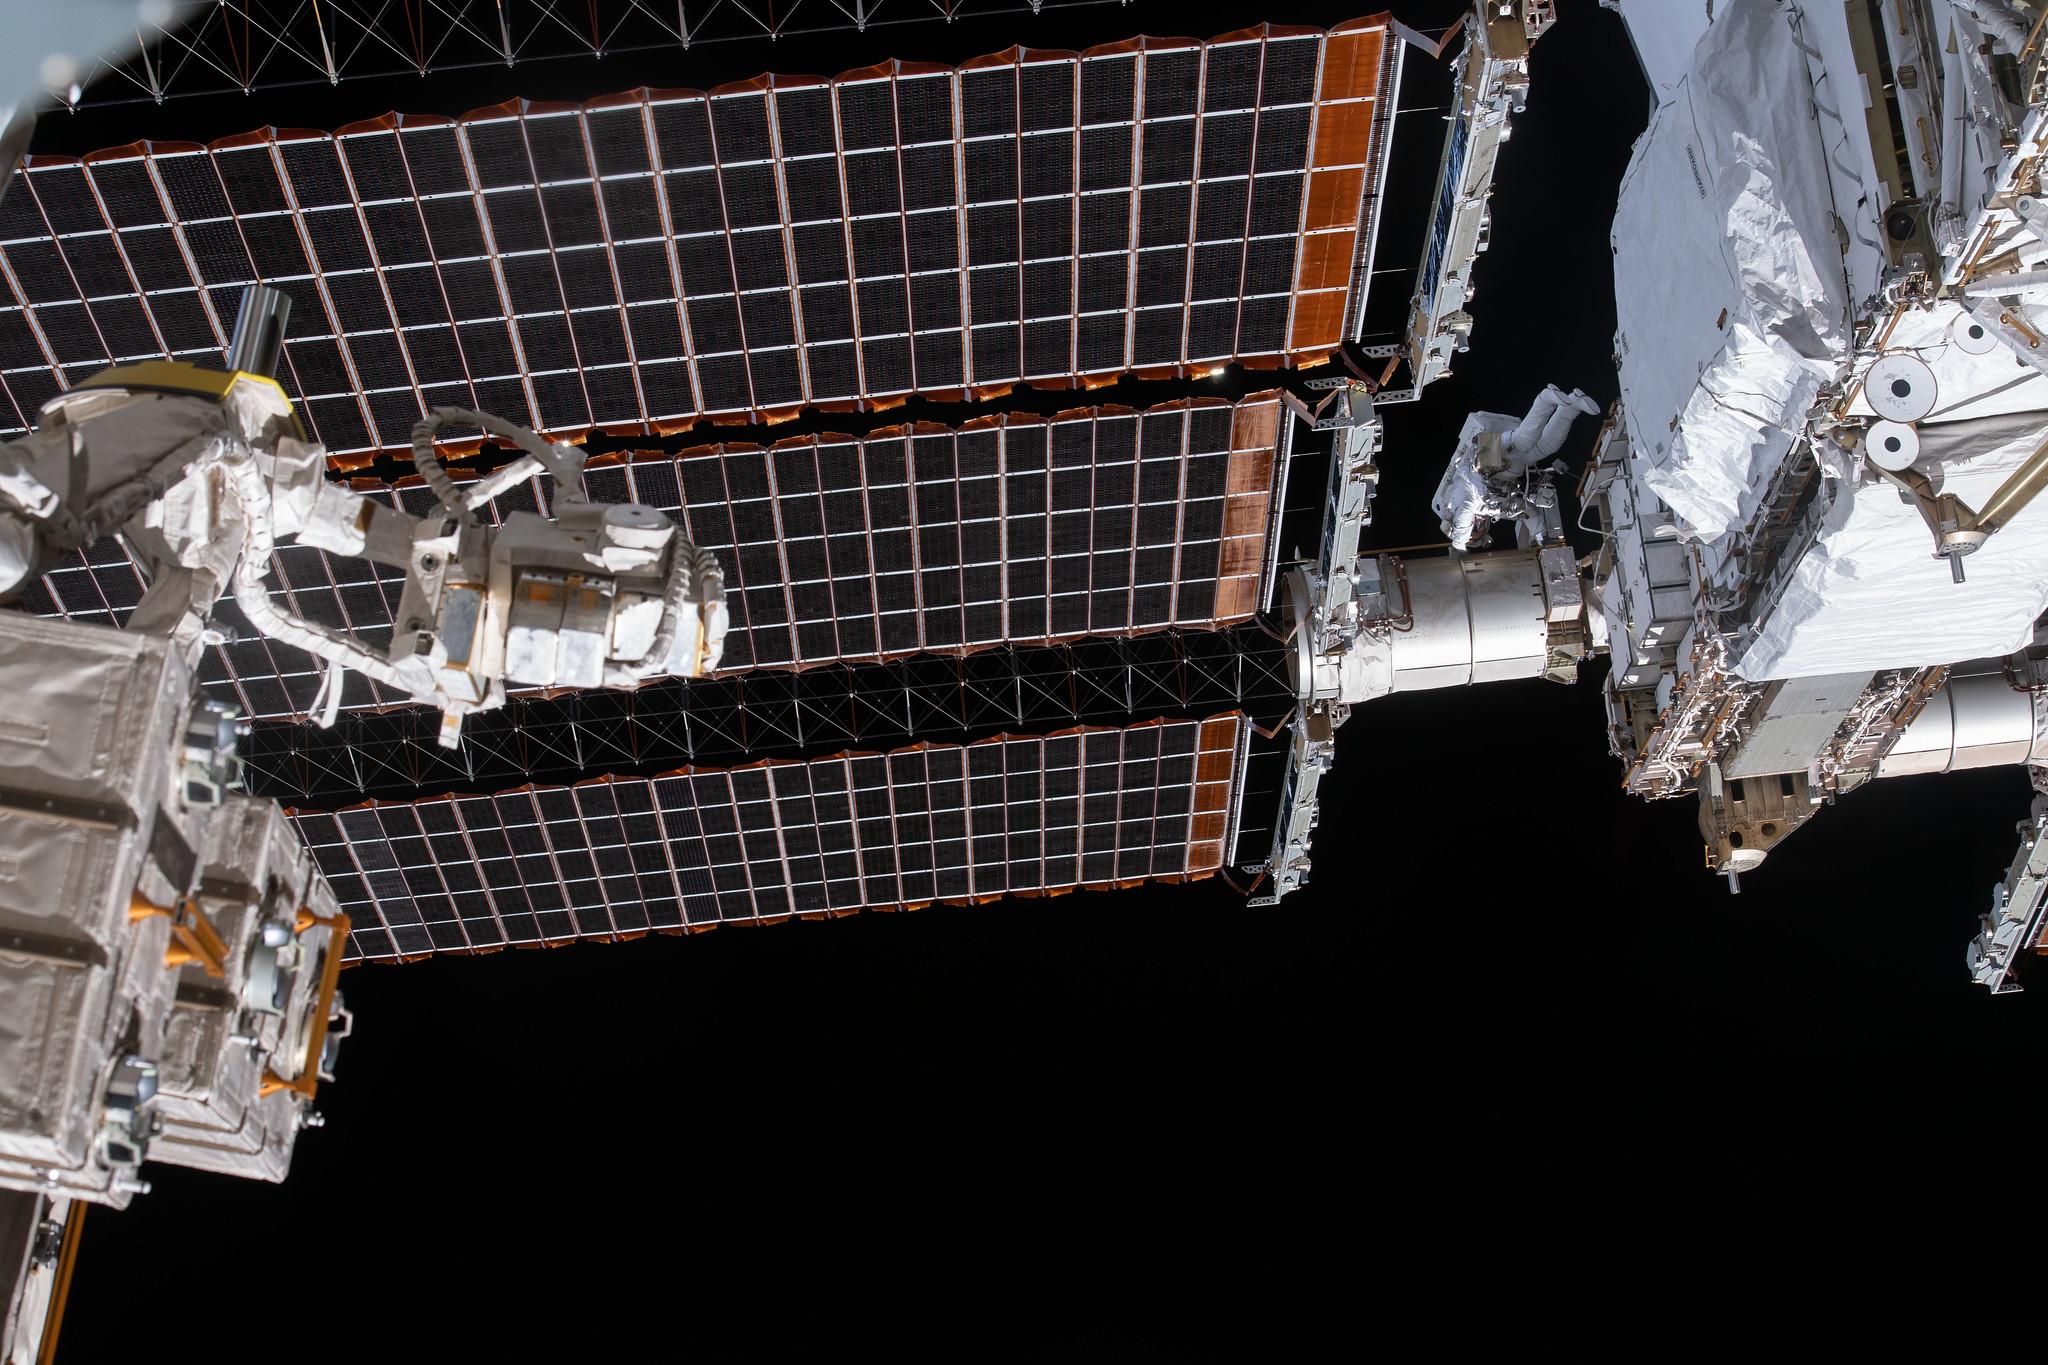 L'astronaute de la NASA Victor Glover vu lors d'une sortie dans l'espace le 27 janvier 2021.